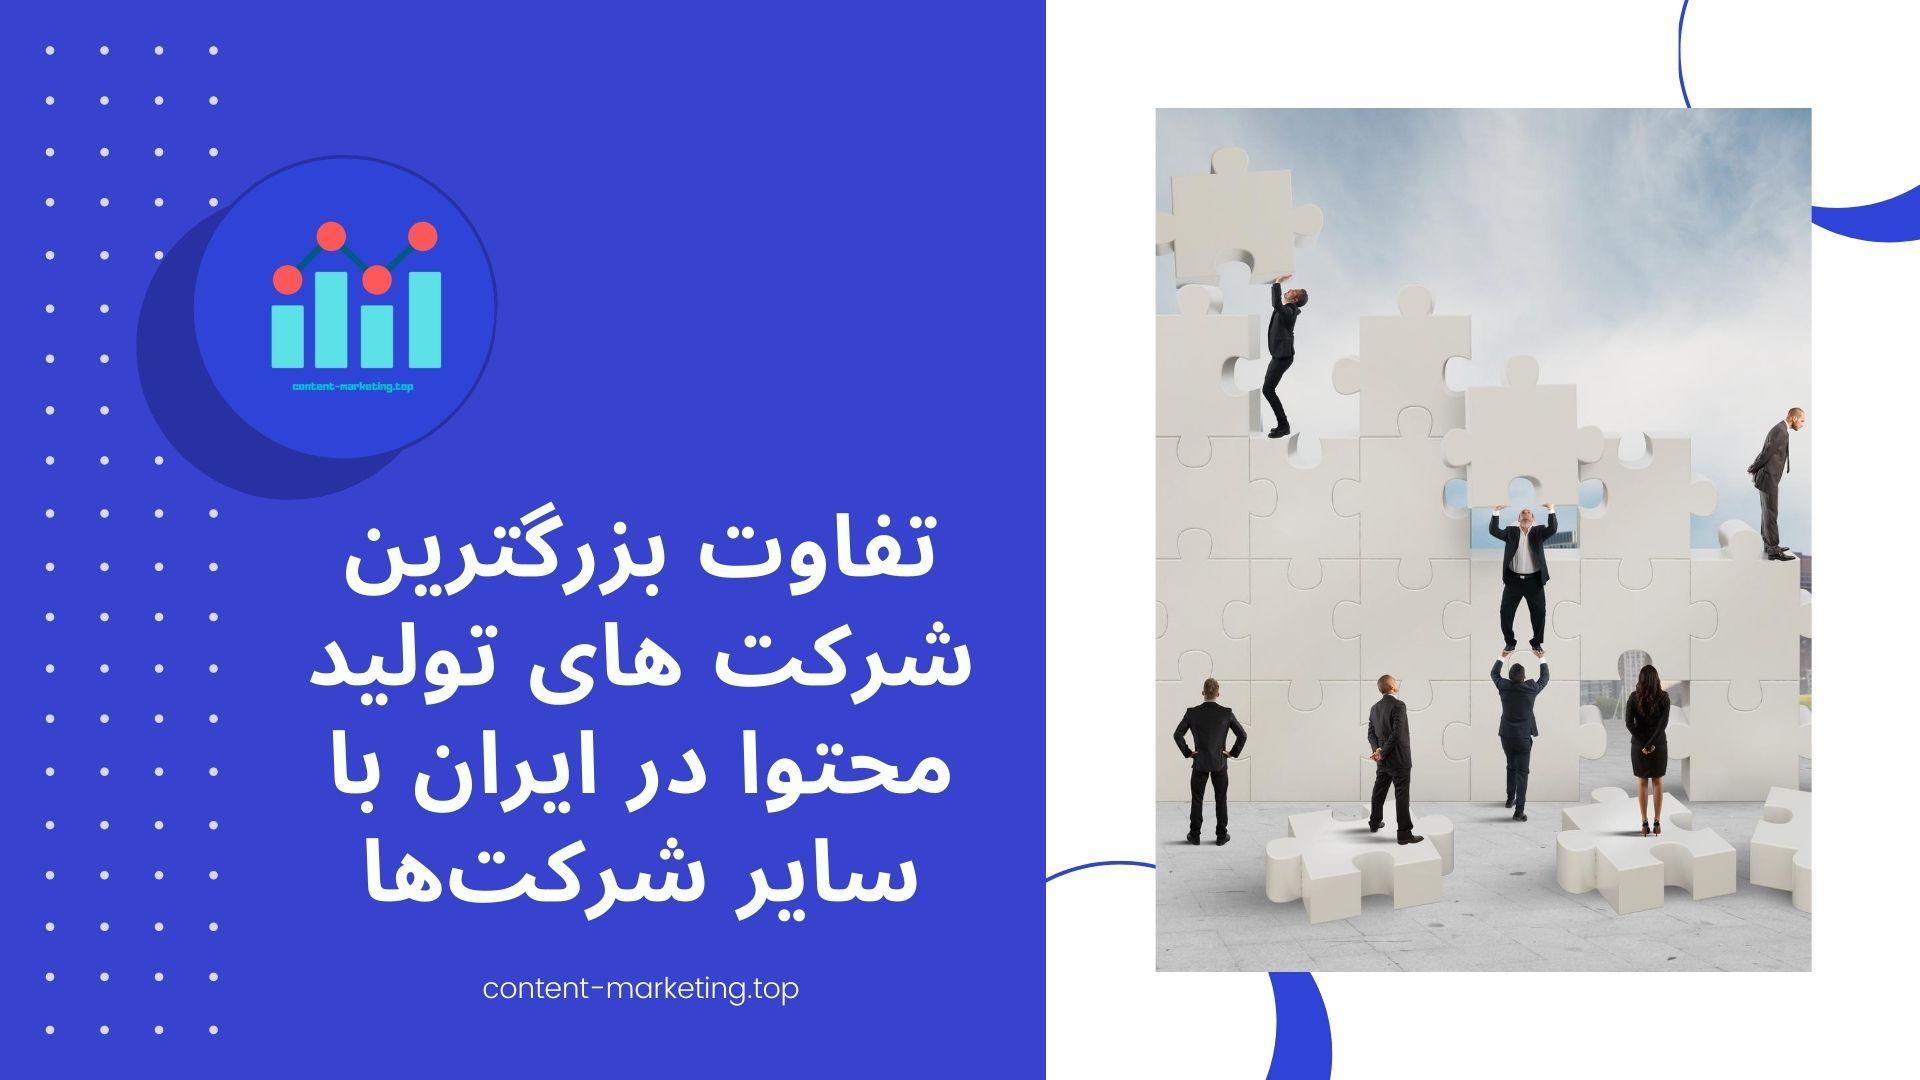 تفاوت بزرگترین شرکت های تولید محتوا در ایران با سایر شرکتها